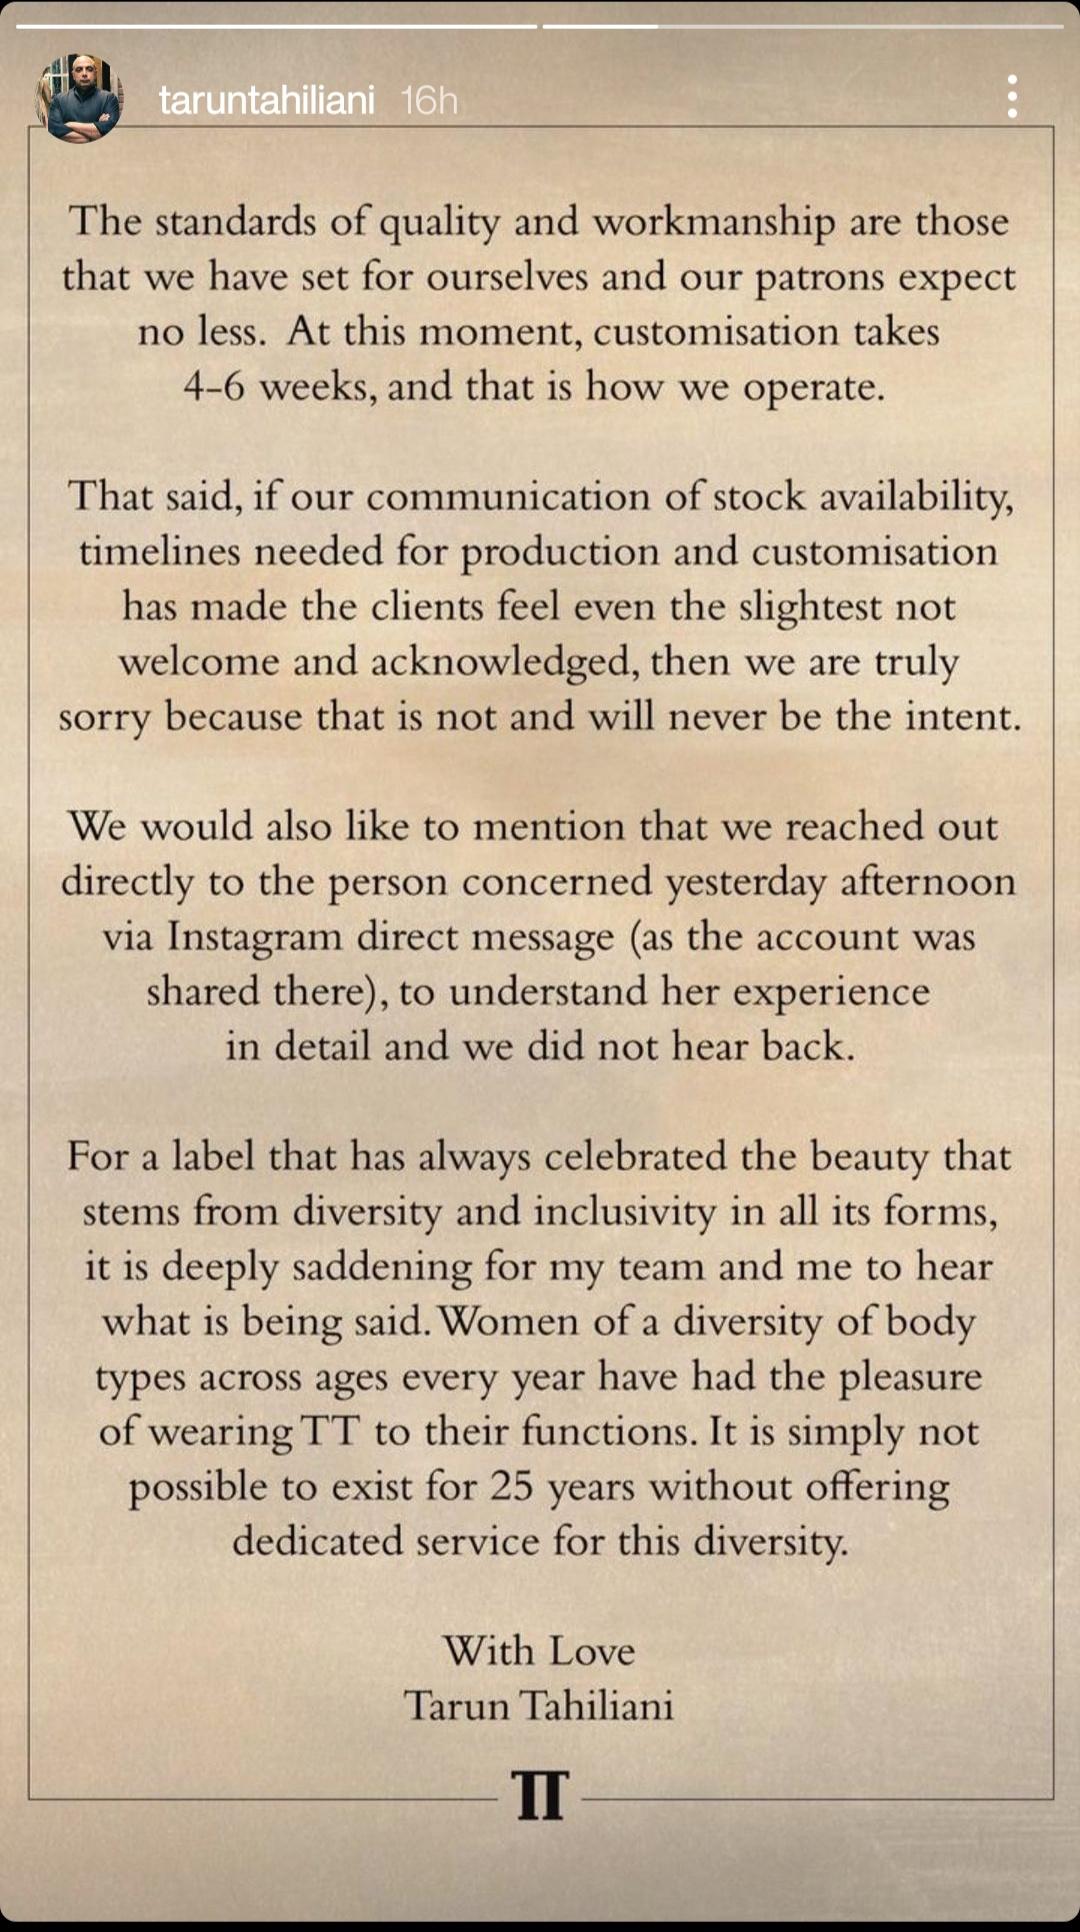 Tarun's post